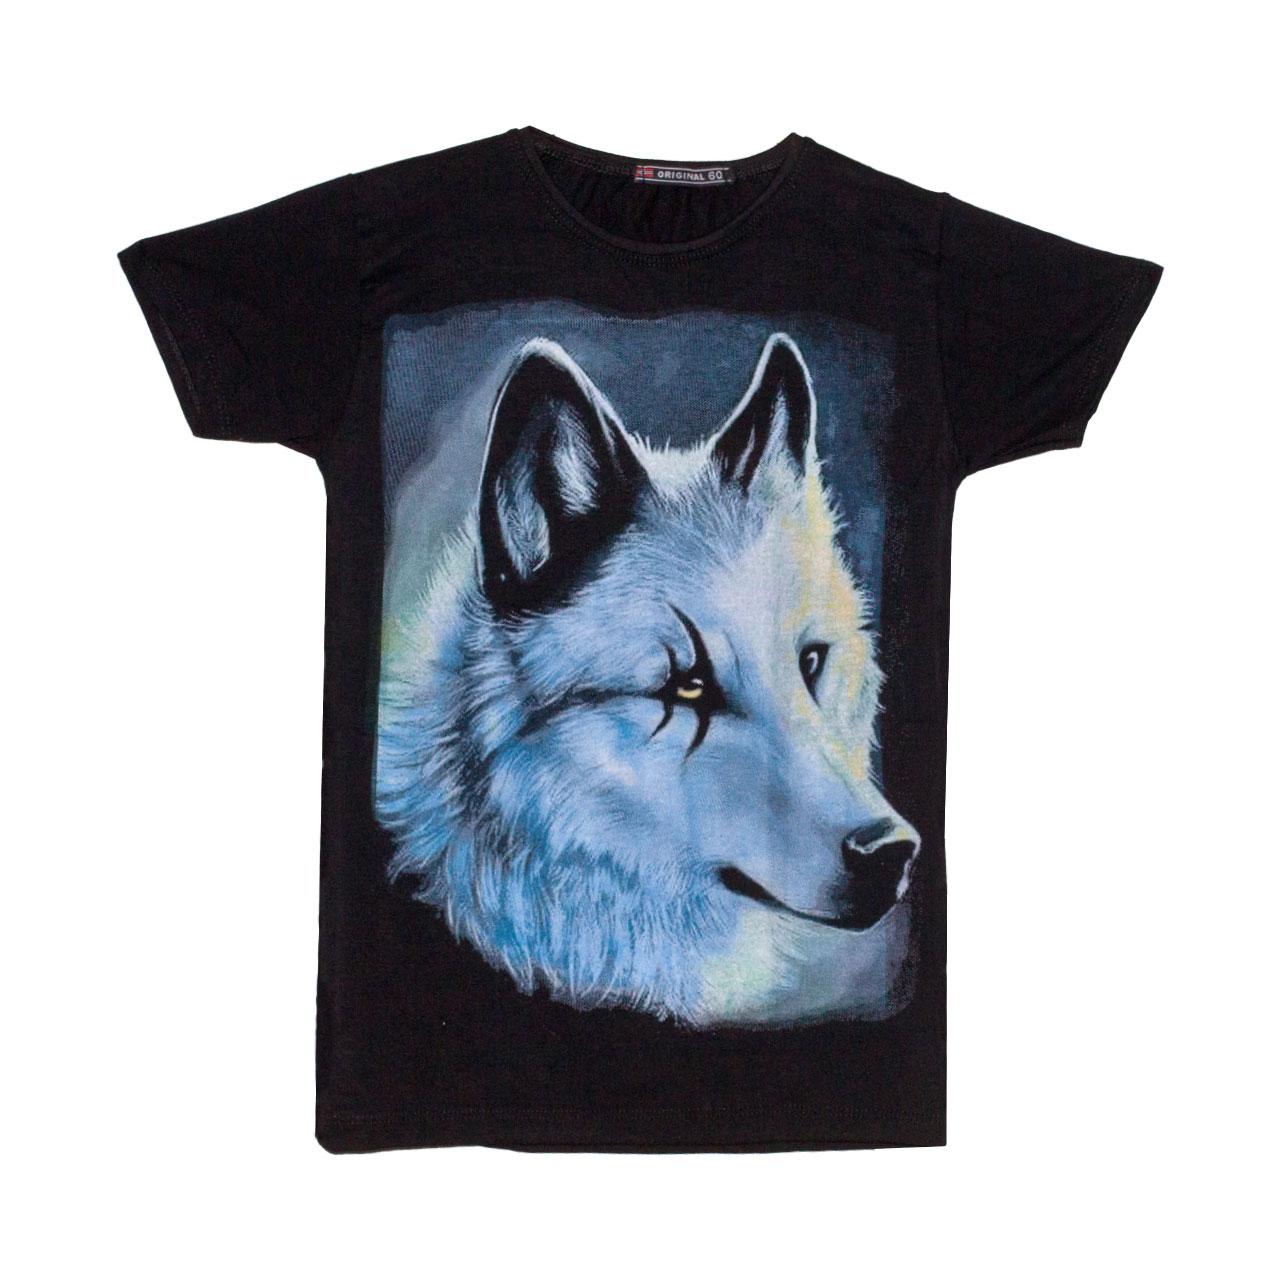 تصویر تی شرت پسرانه طرح گرگ کد 16